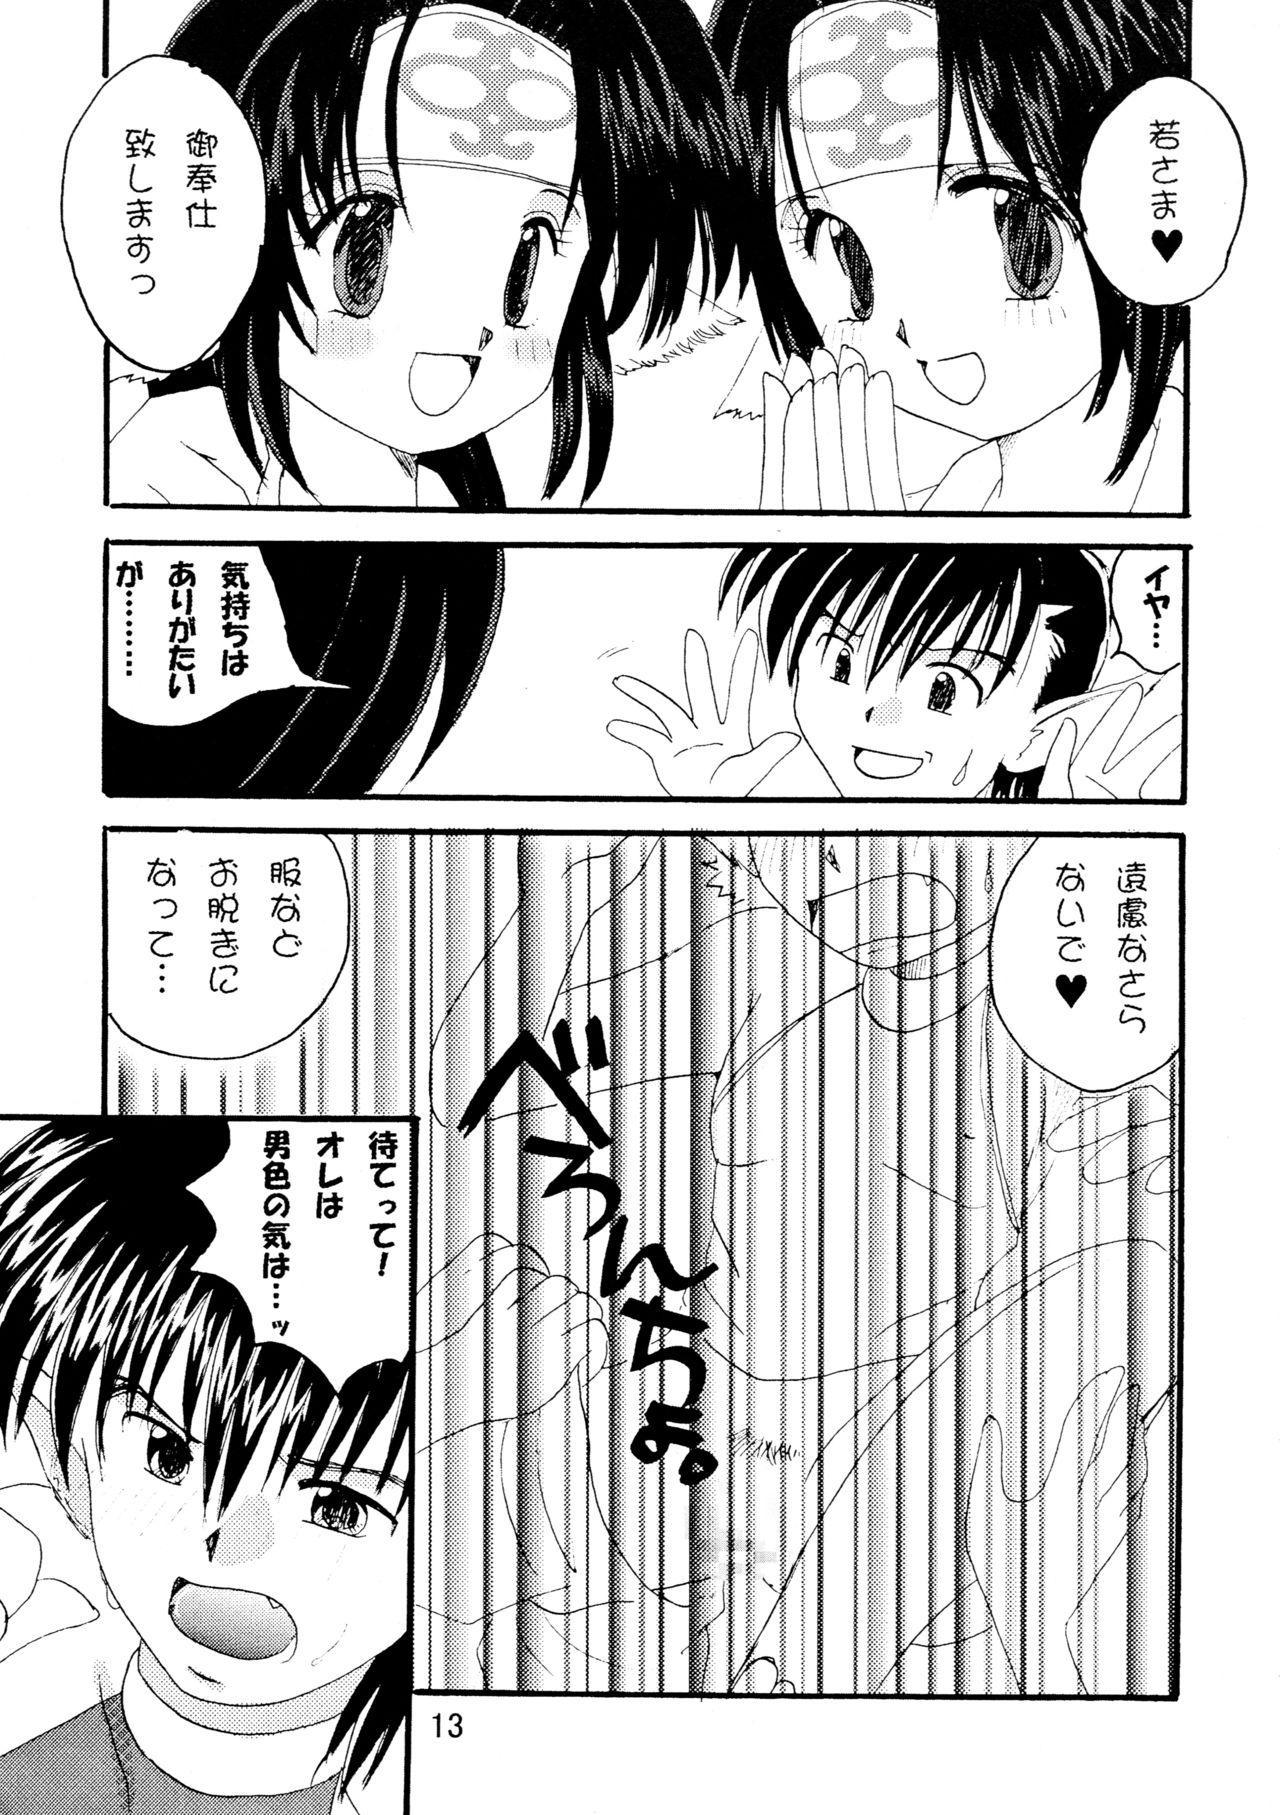 Yorokobi no Uta 12